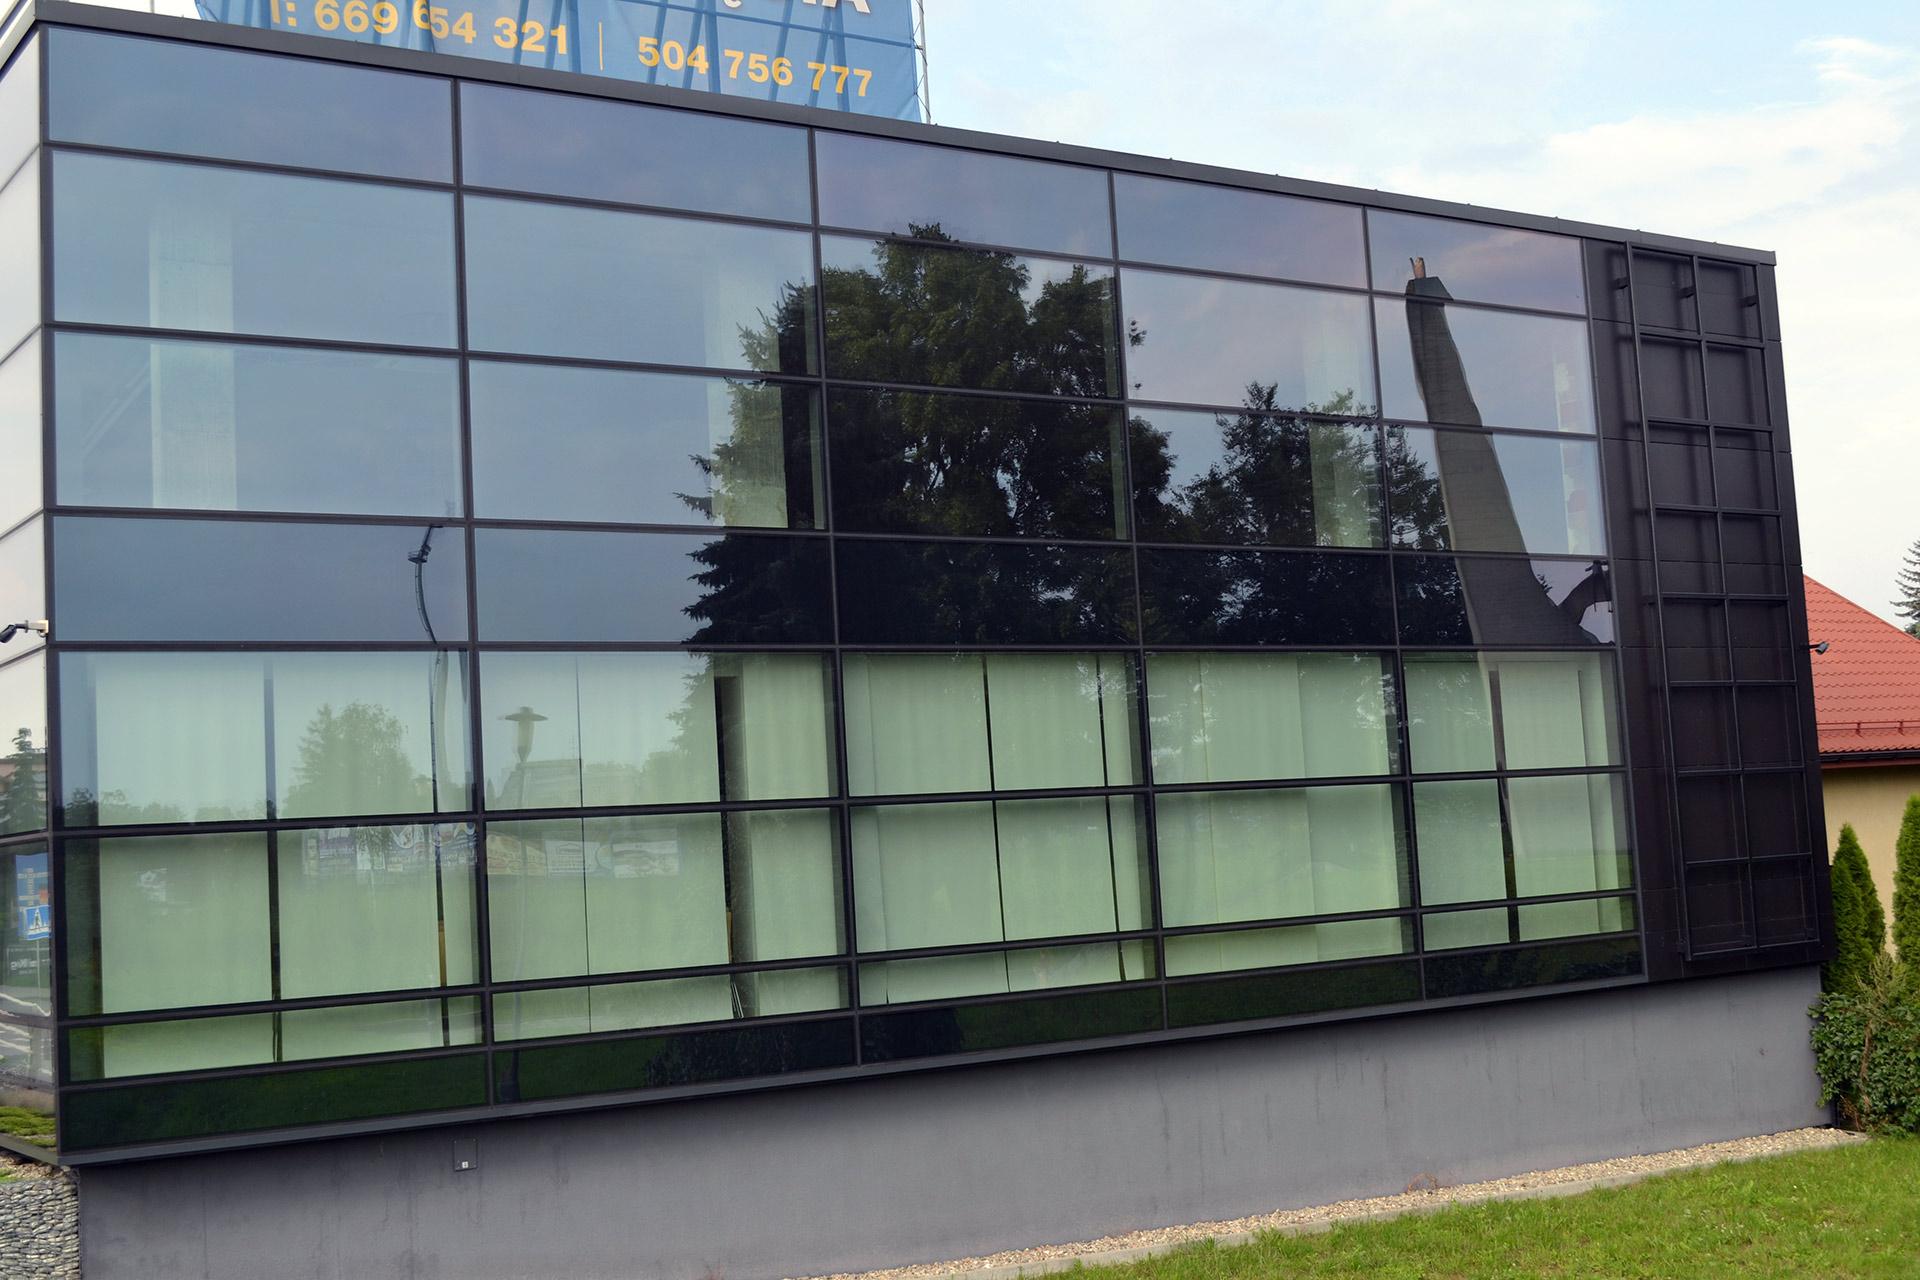 2016-Nowy-Sącz-fasada-1